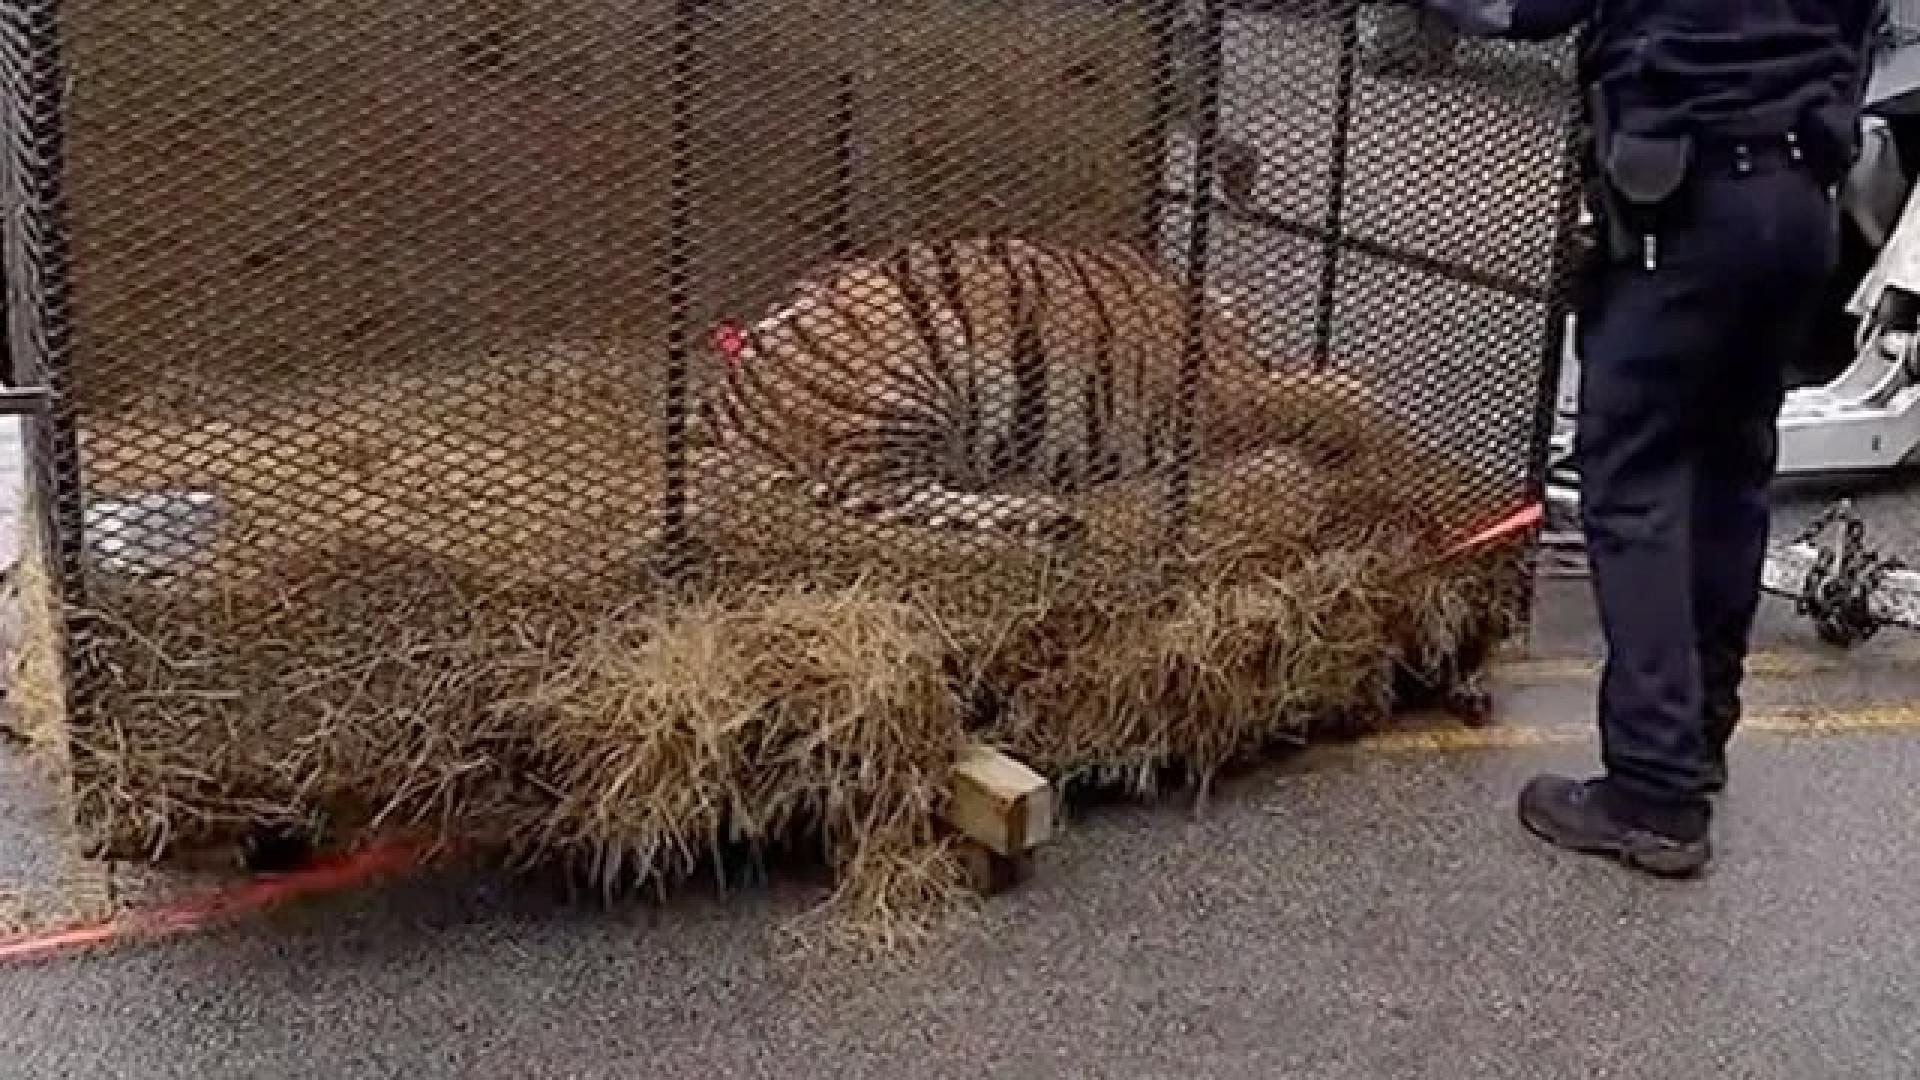 Foram para casa abandonada fumar erva. No interior encontraram um tigre